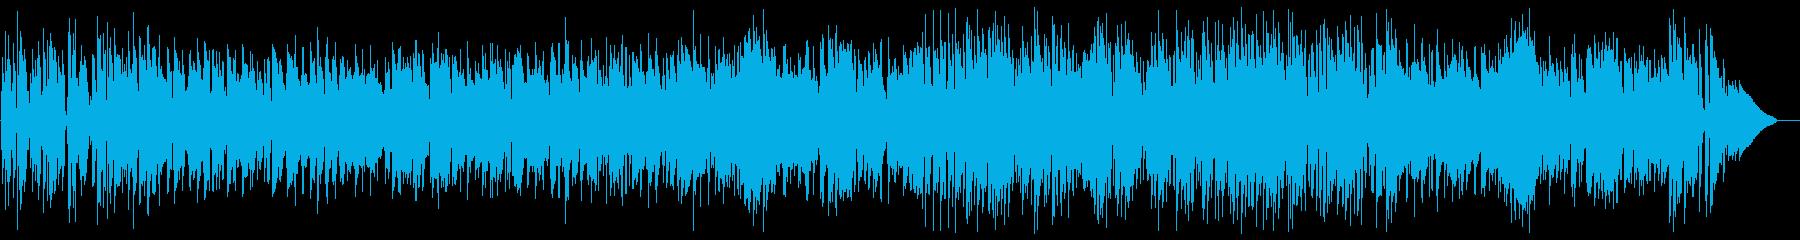 スワニー河  女性ジャズの再生済みの波形